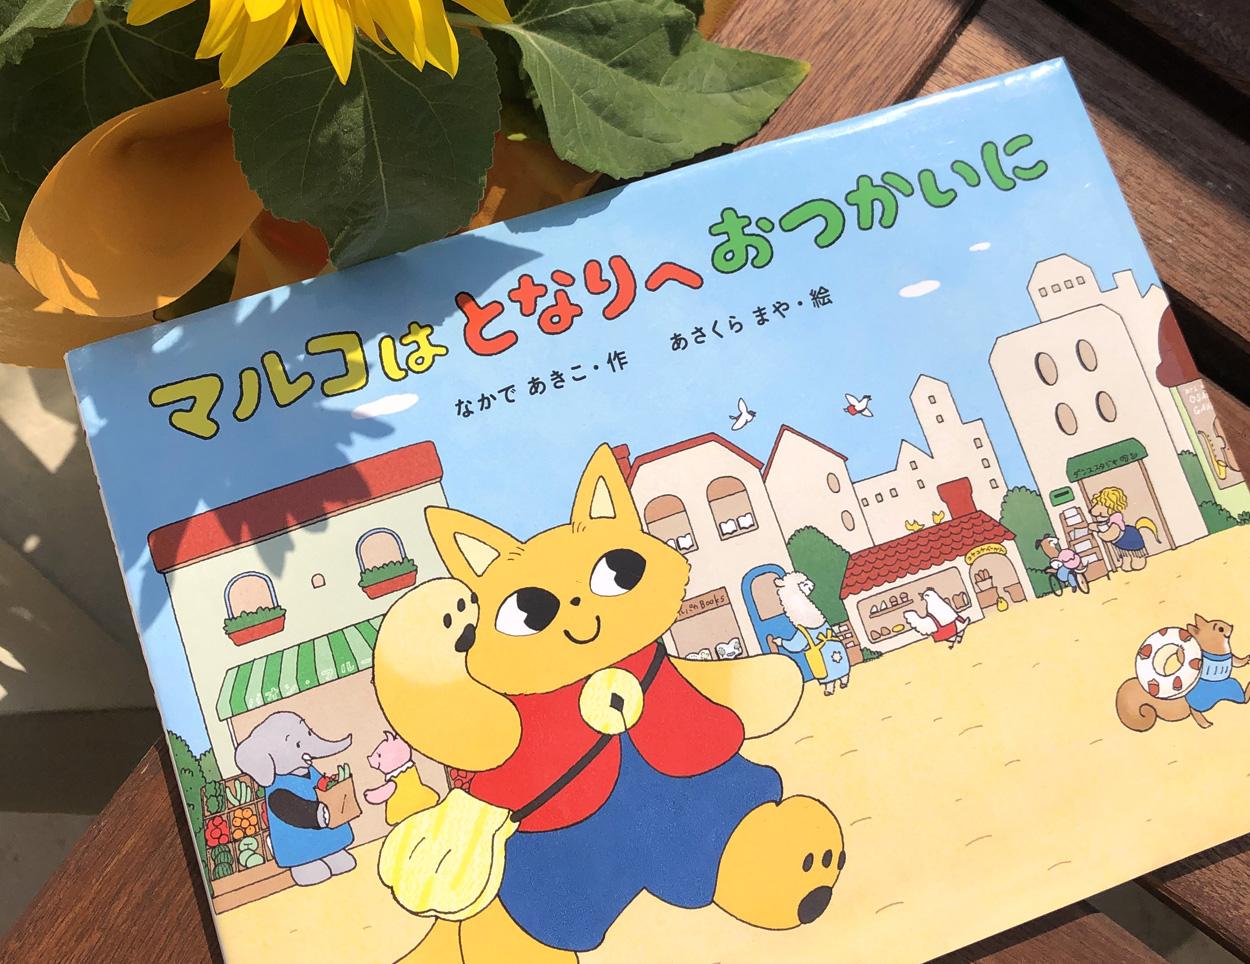 2019/07/20 絵本読み聞かせワークショップ